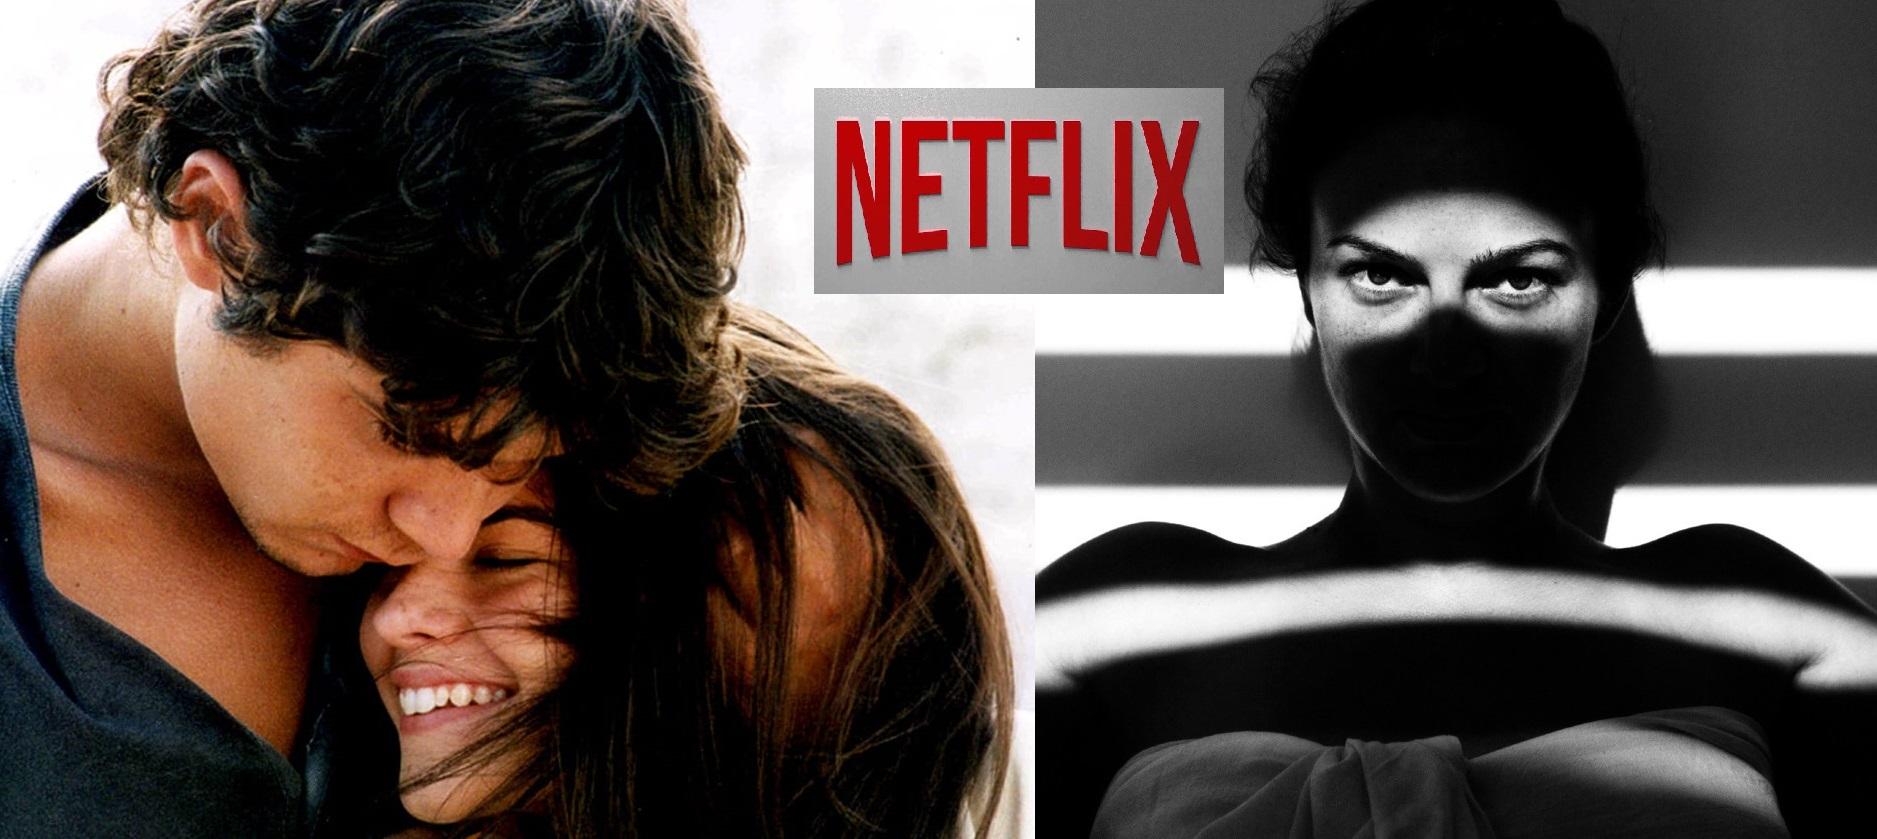 Netflix investe in produzioni originali made in Italy - IP Tv. Netflix non teme gli altri OTT: investira' 200 milioni in produzioni originali italiane